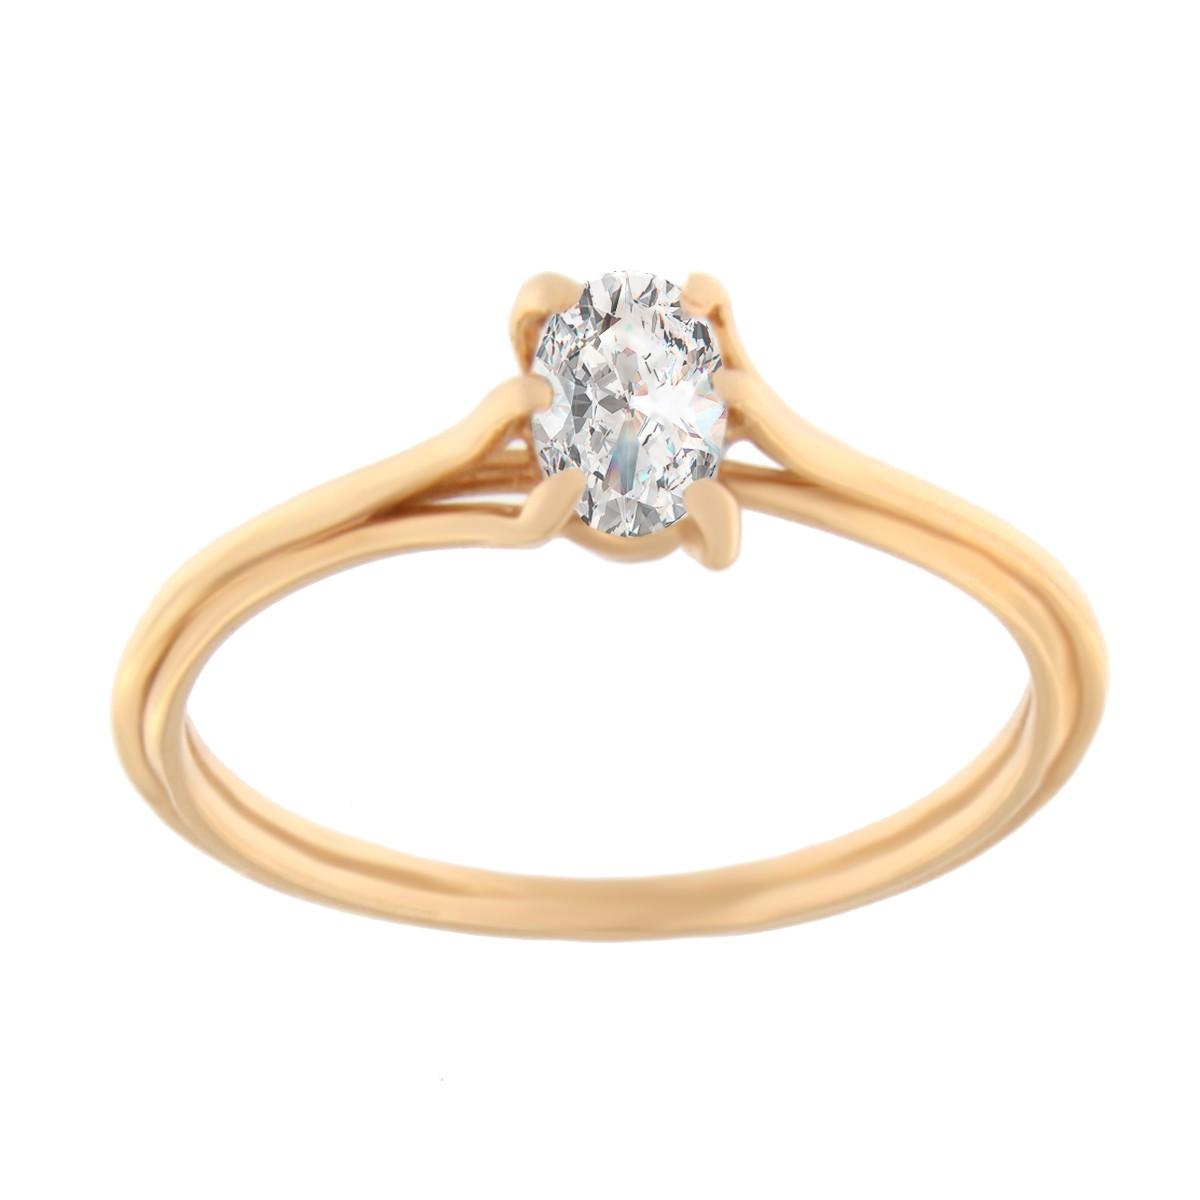 Kullast sõrmus tsirkooniga Kood: 03025035j